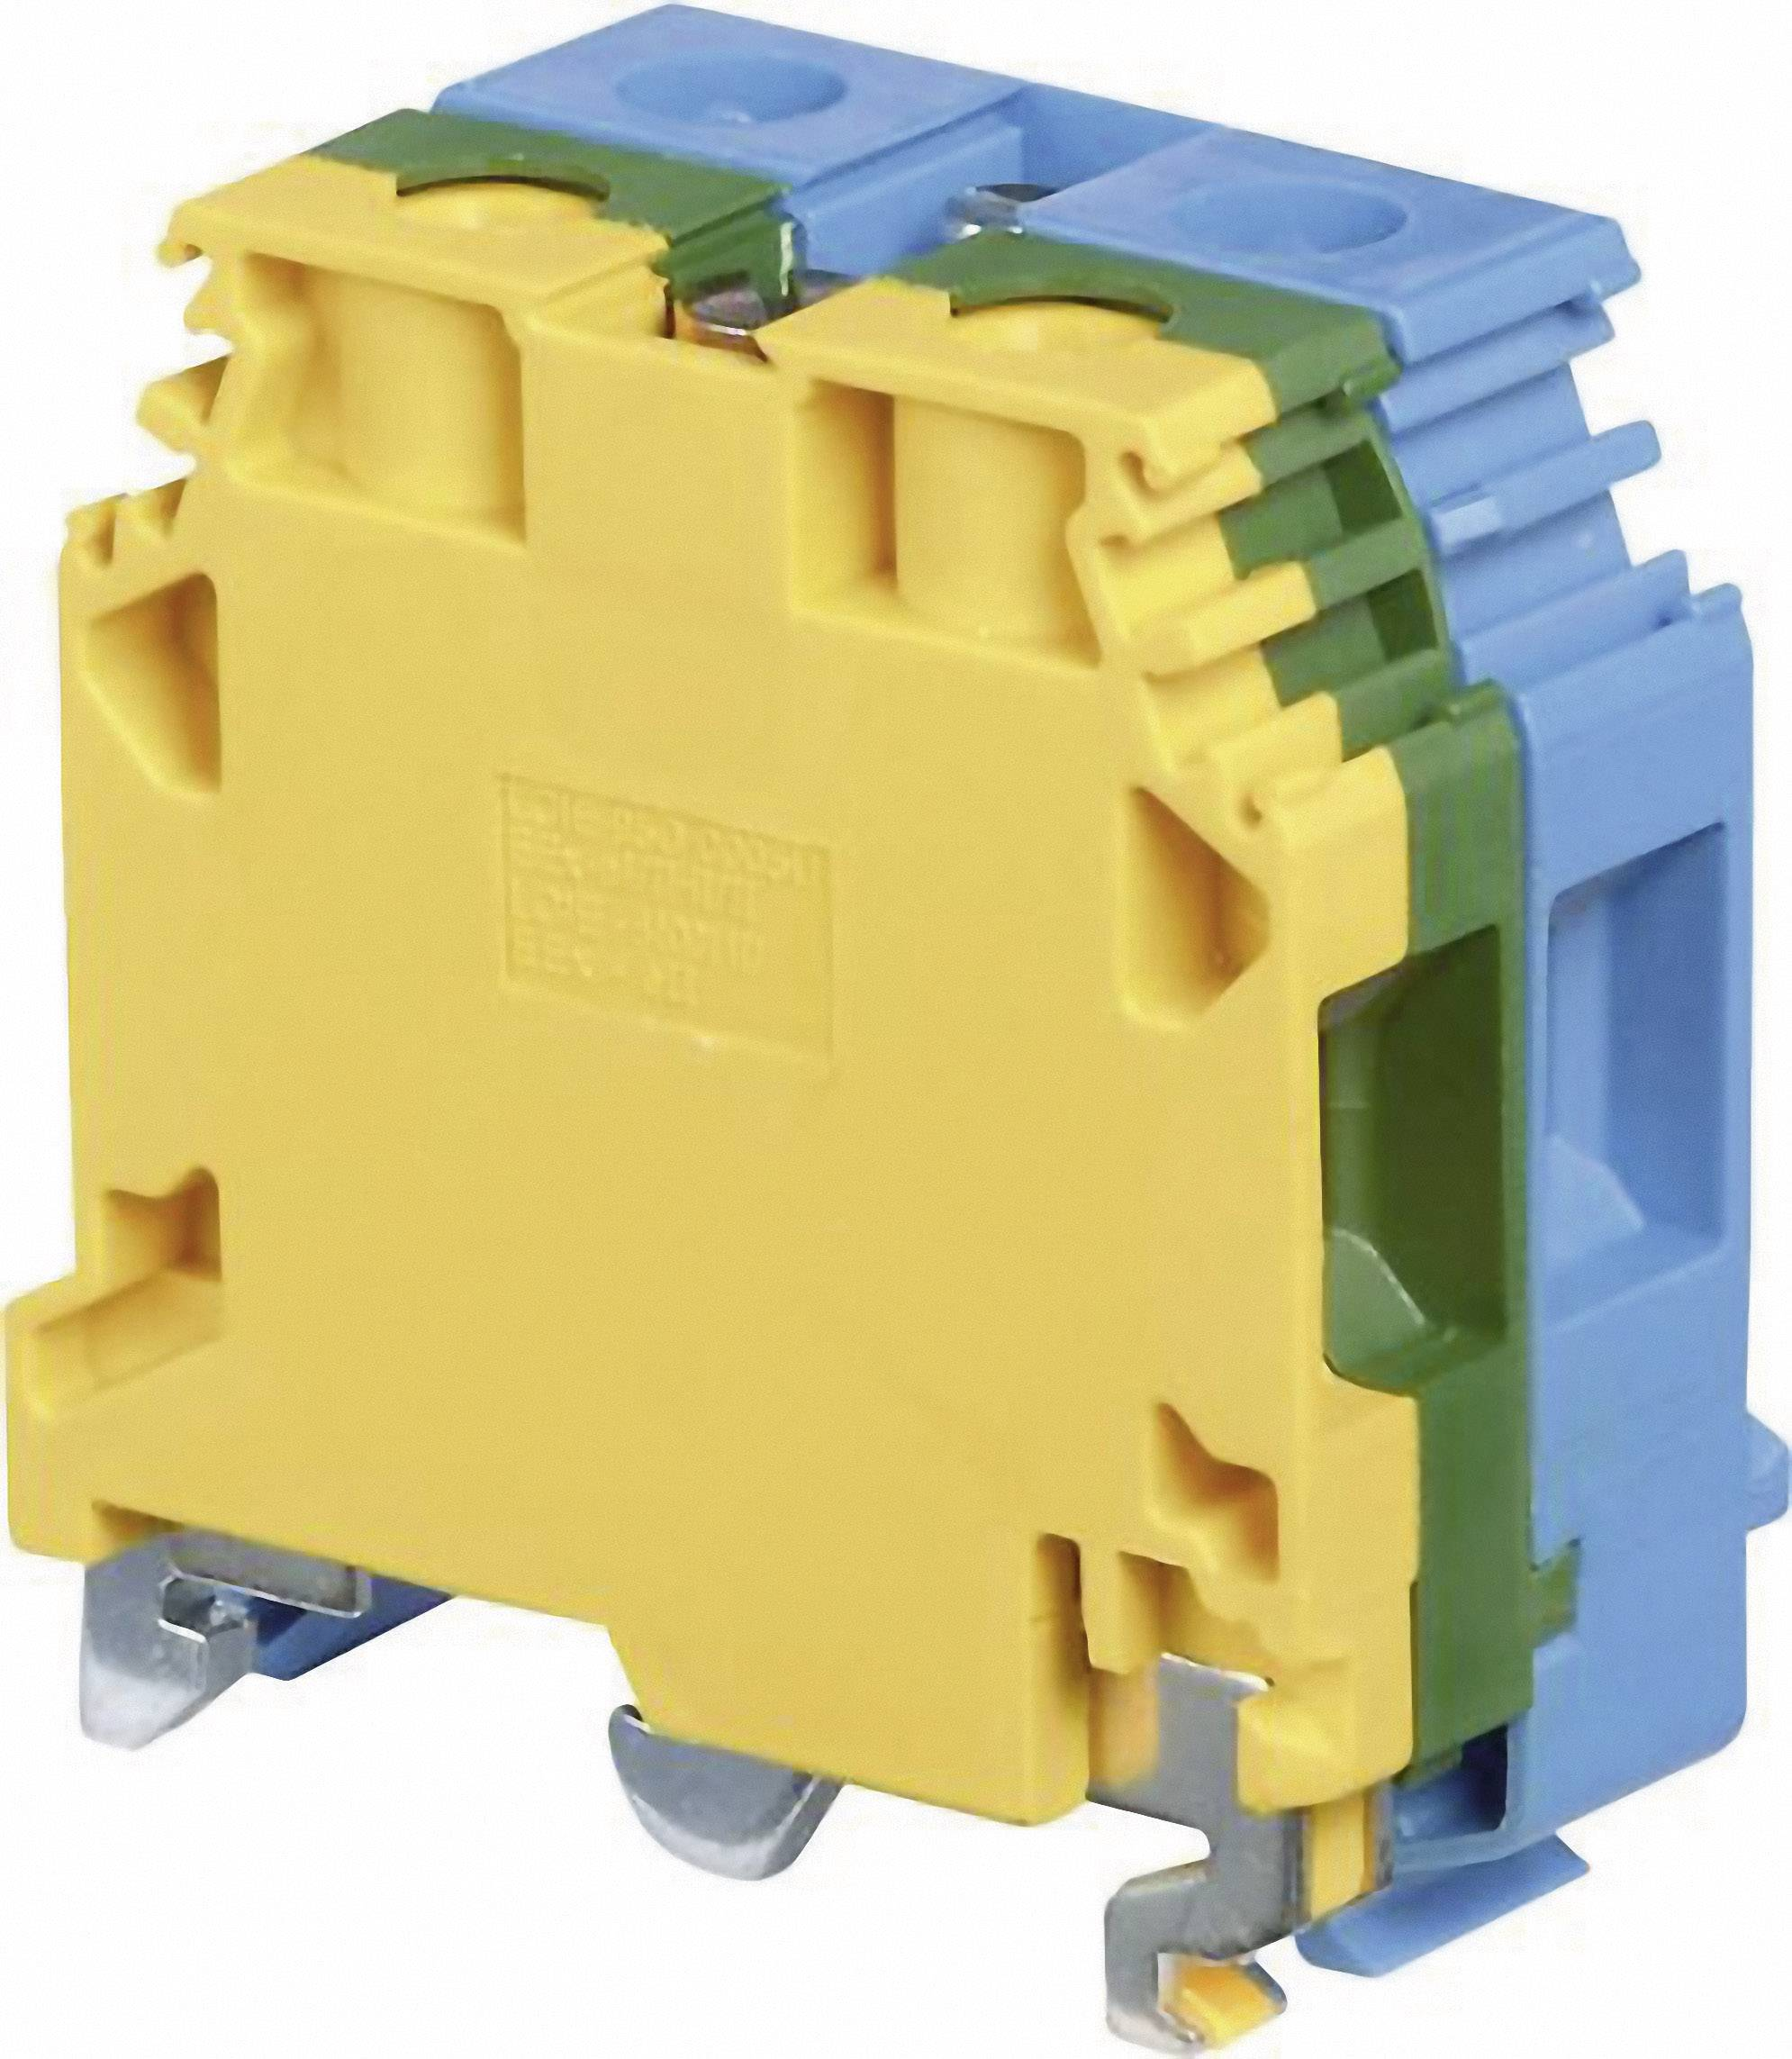 Blok hlavných svoriek ABB 1SNA 165 575 R2500, 32 mm, skrutkovací, osadenie Terre, N, zelenožltá, modrá, 1 ks